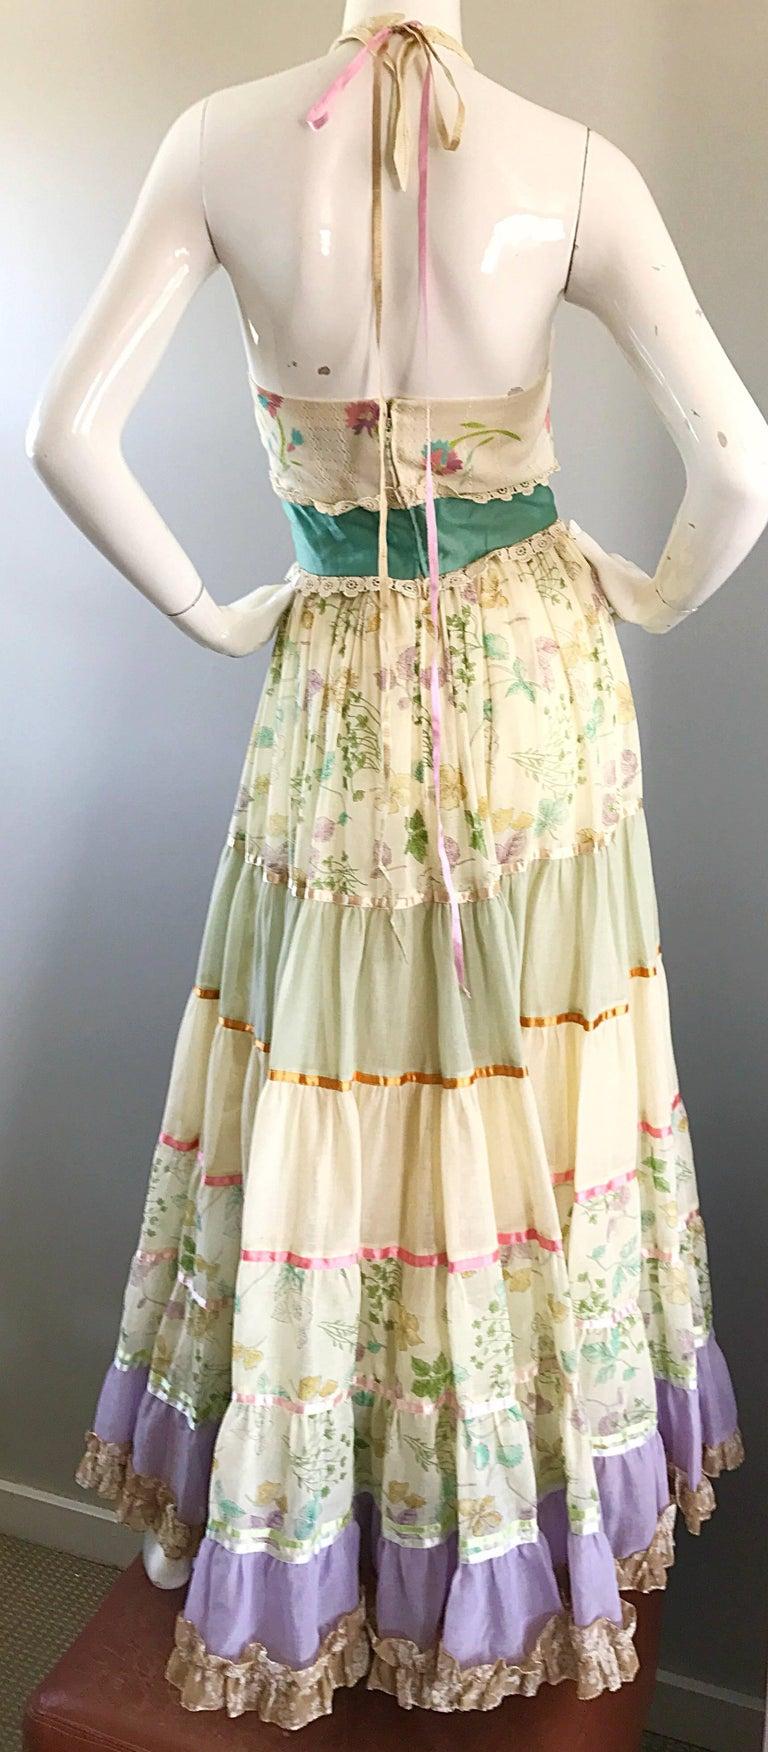 Giorgio di Sant Angelo 1970s Rare Colorful Cotton Voile Vintage 70s Maxi Dress 8